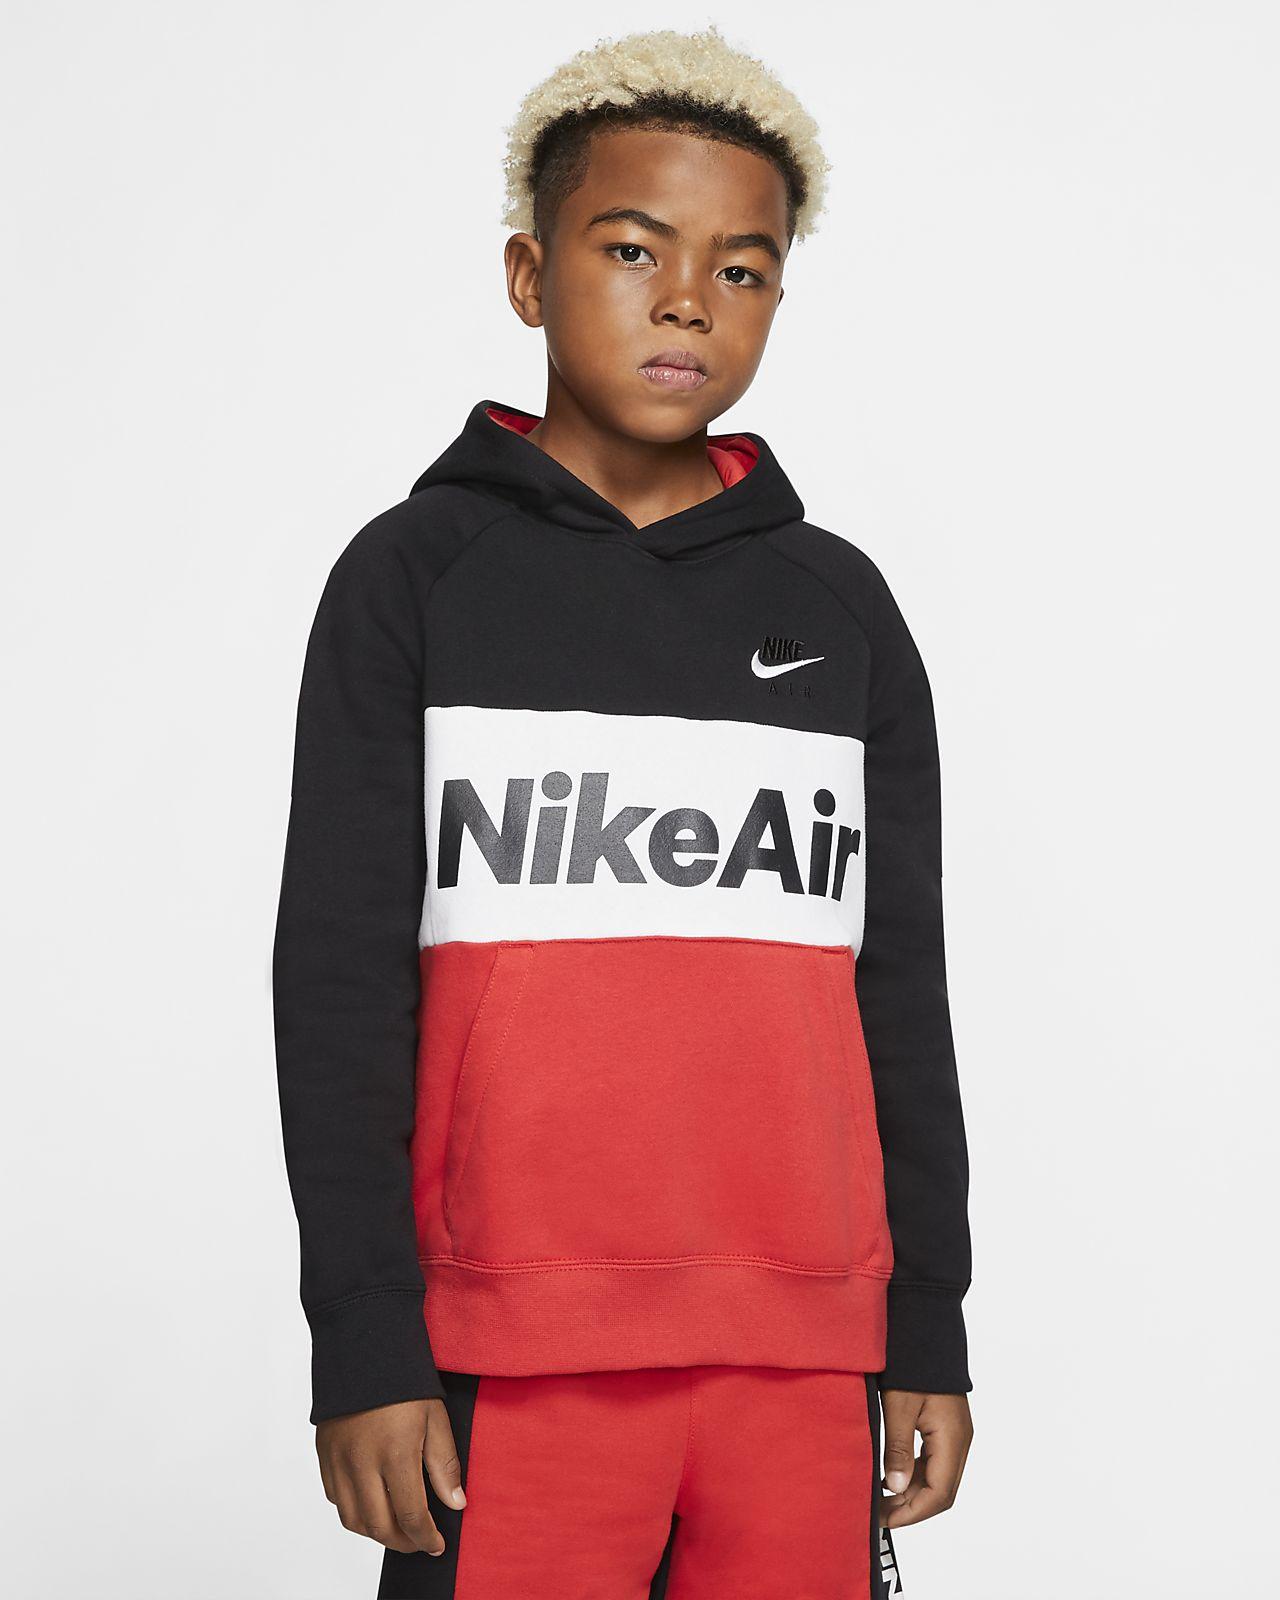 Nike Air 大童(男孩)套头连帽衫